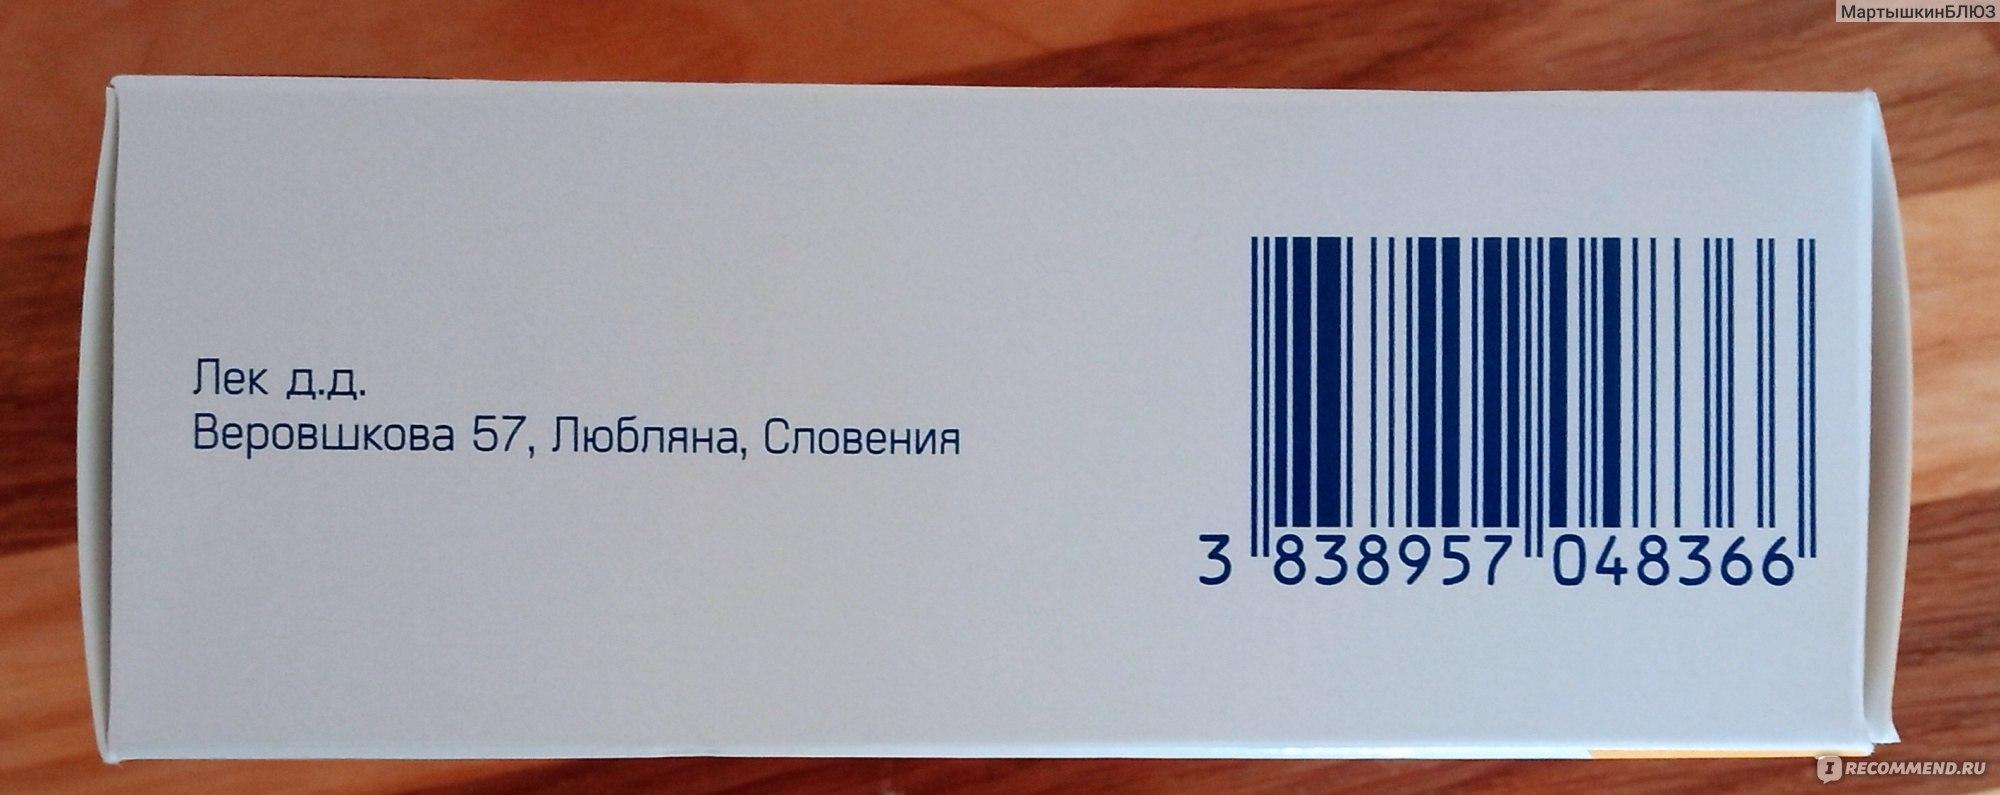 Линекс производится в Словении